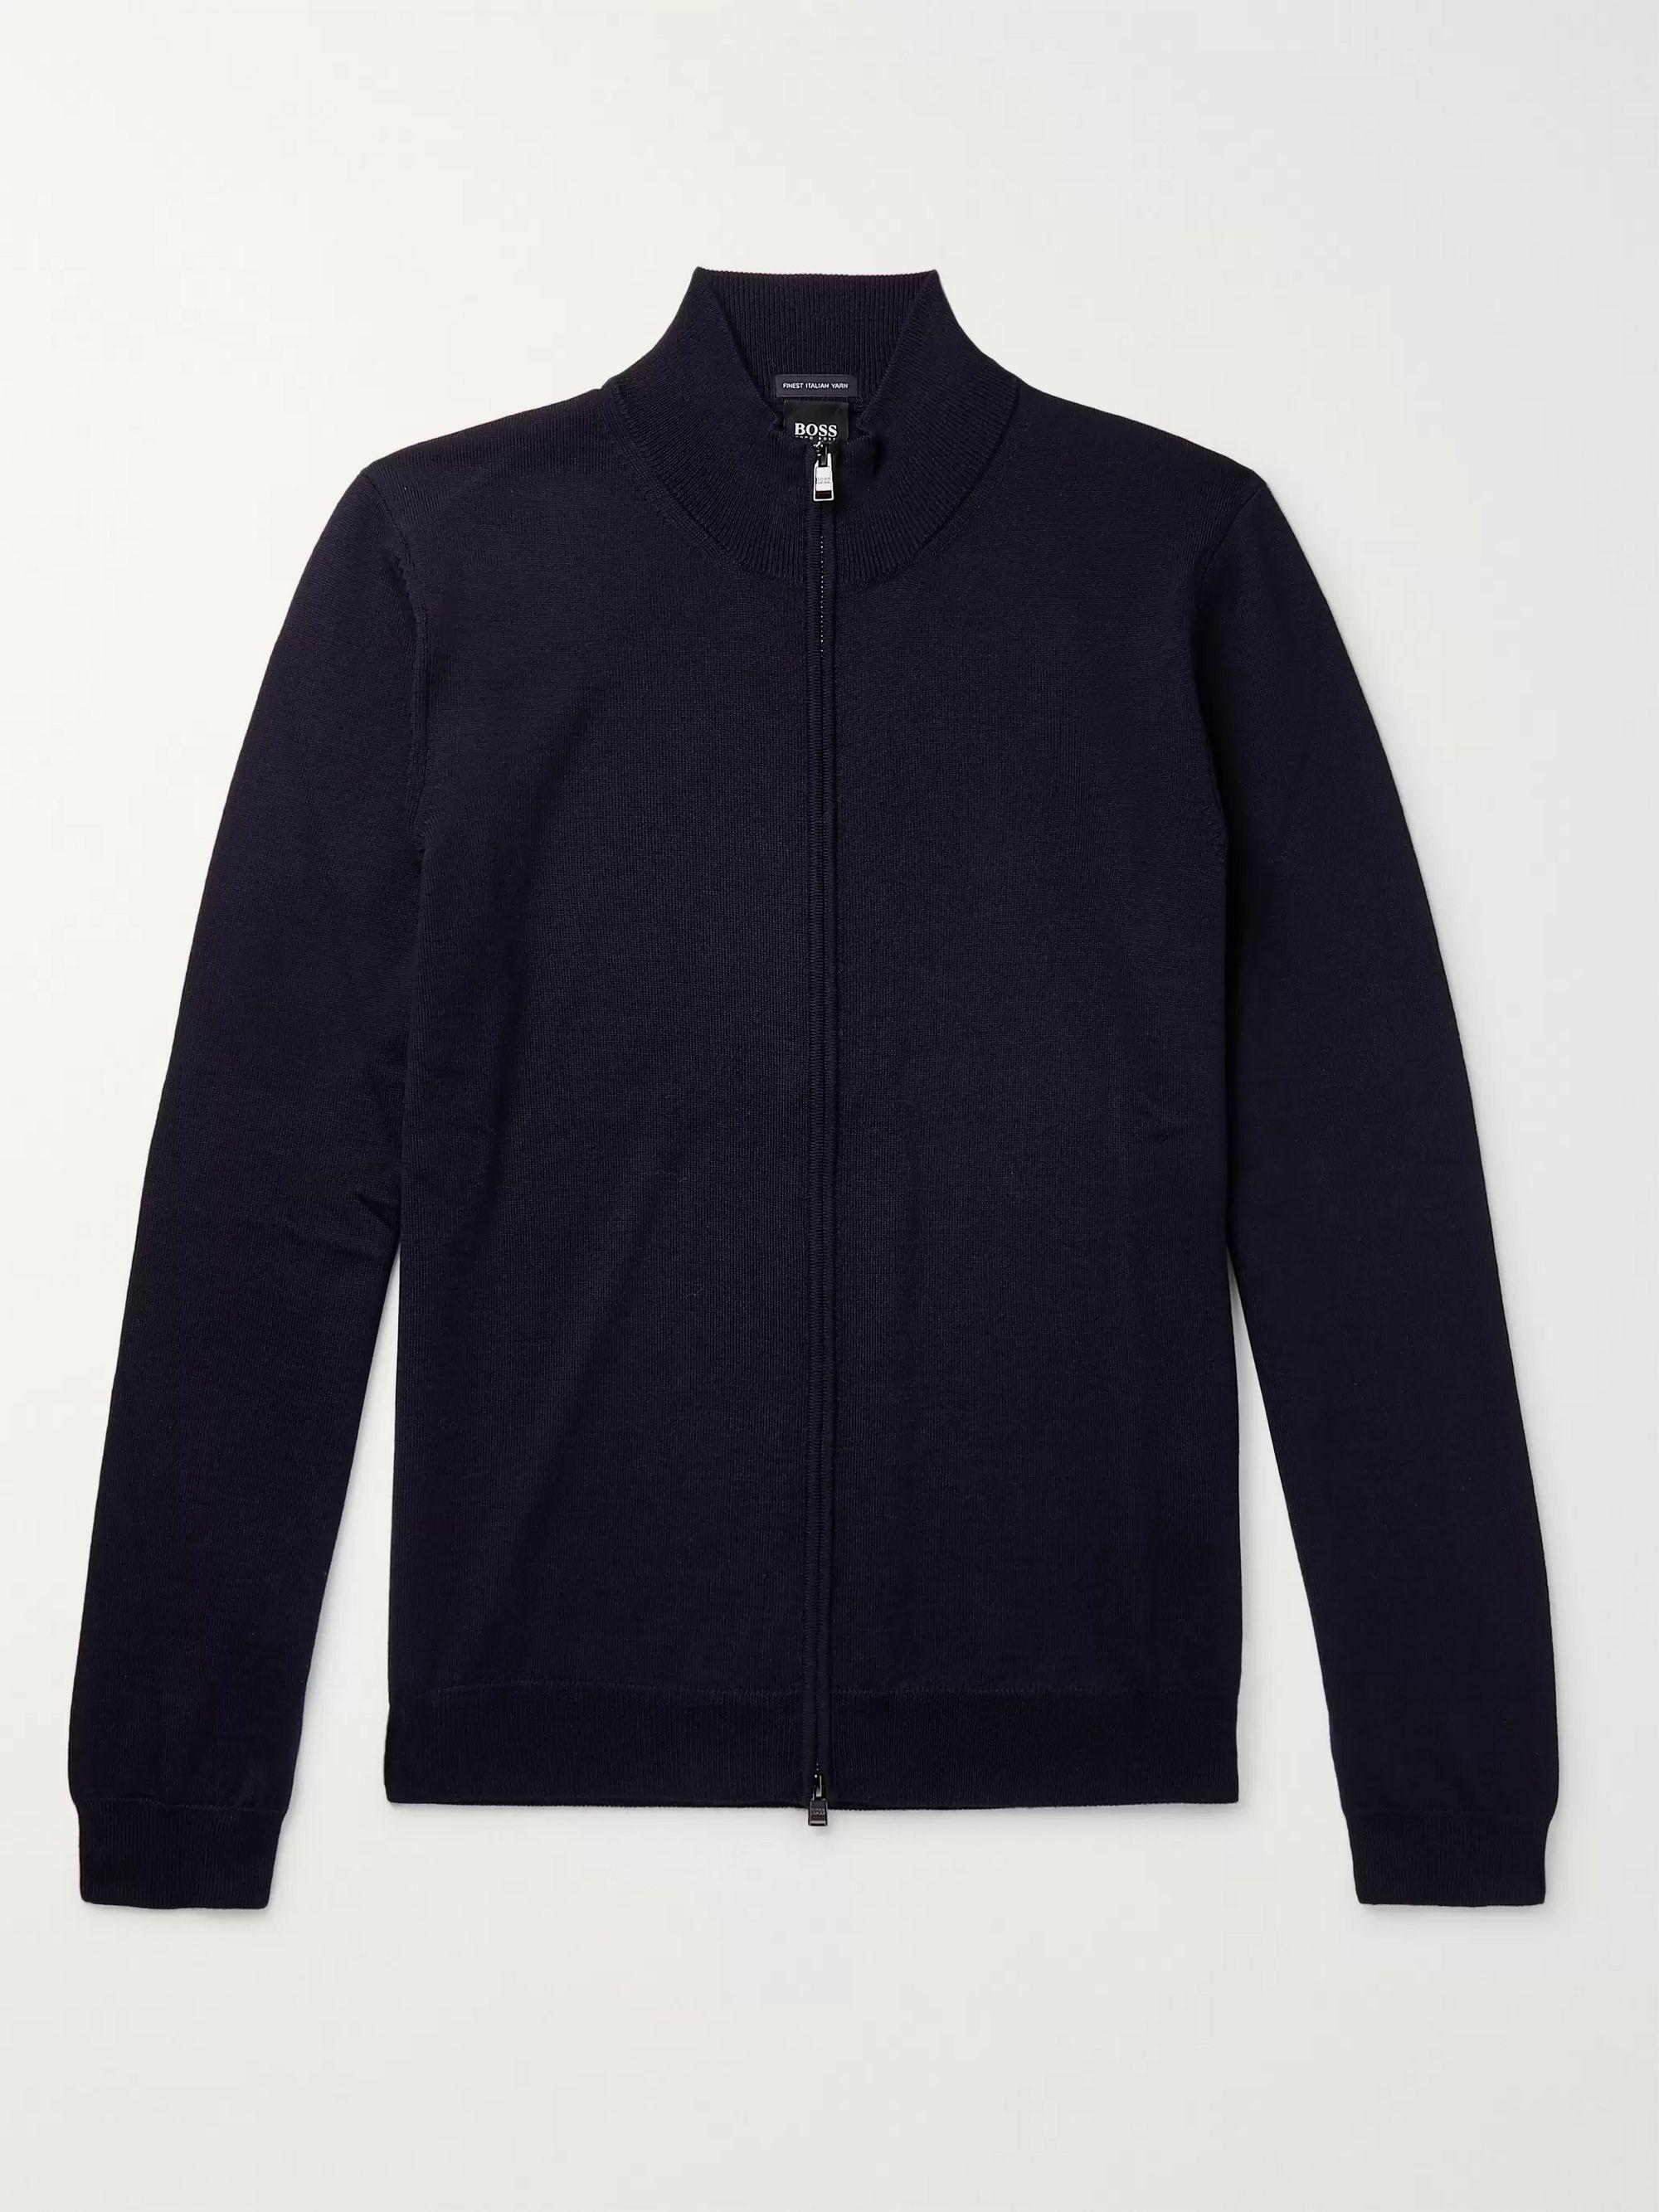 HUGO BOSS Virgin Wool Zip-Up Sweater